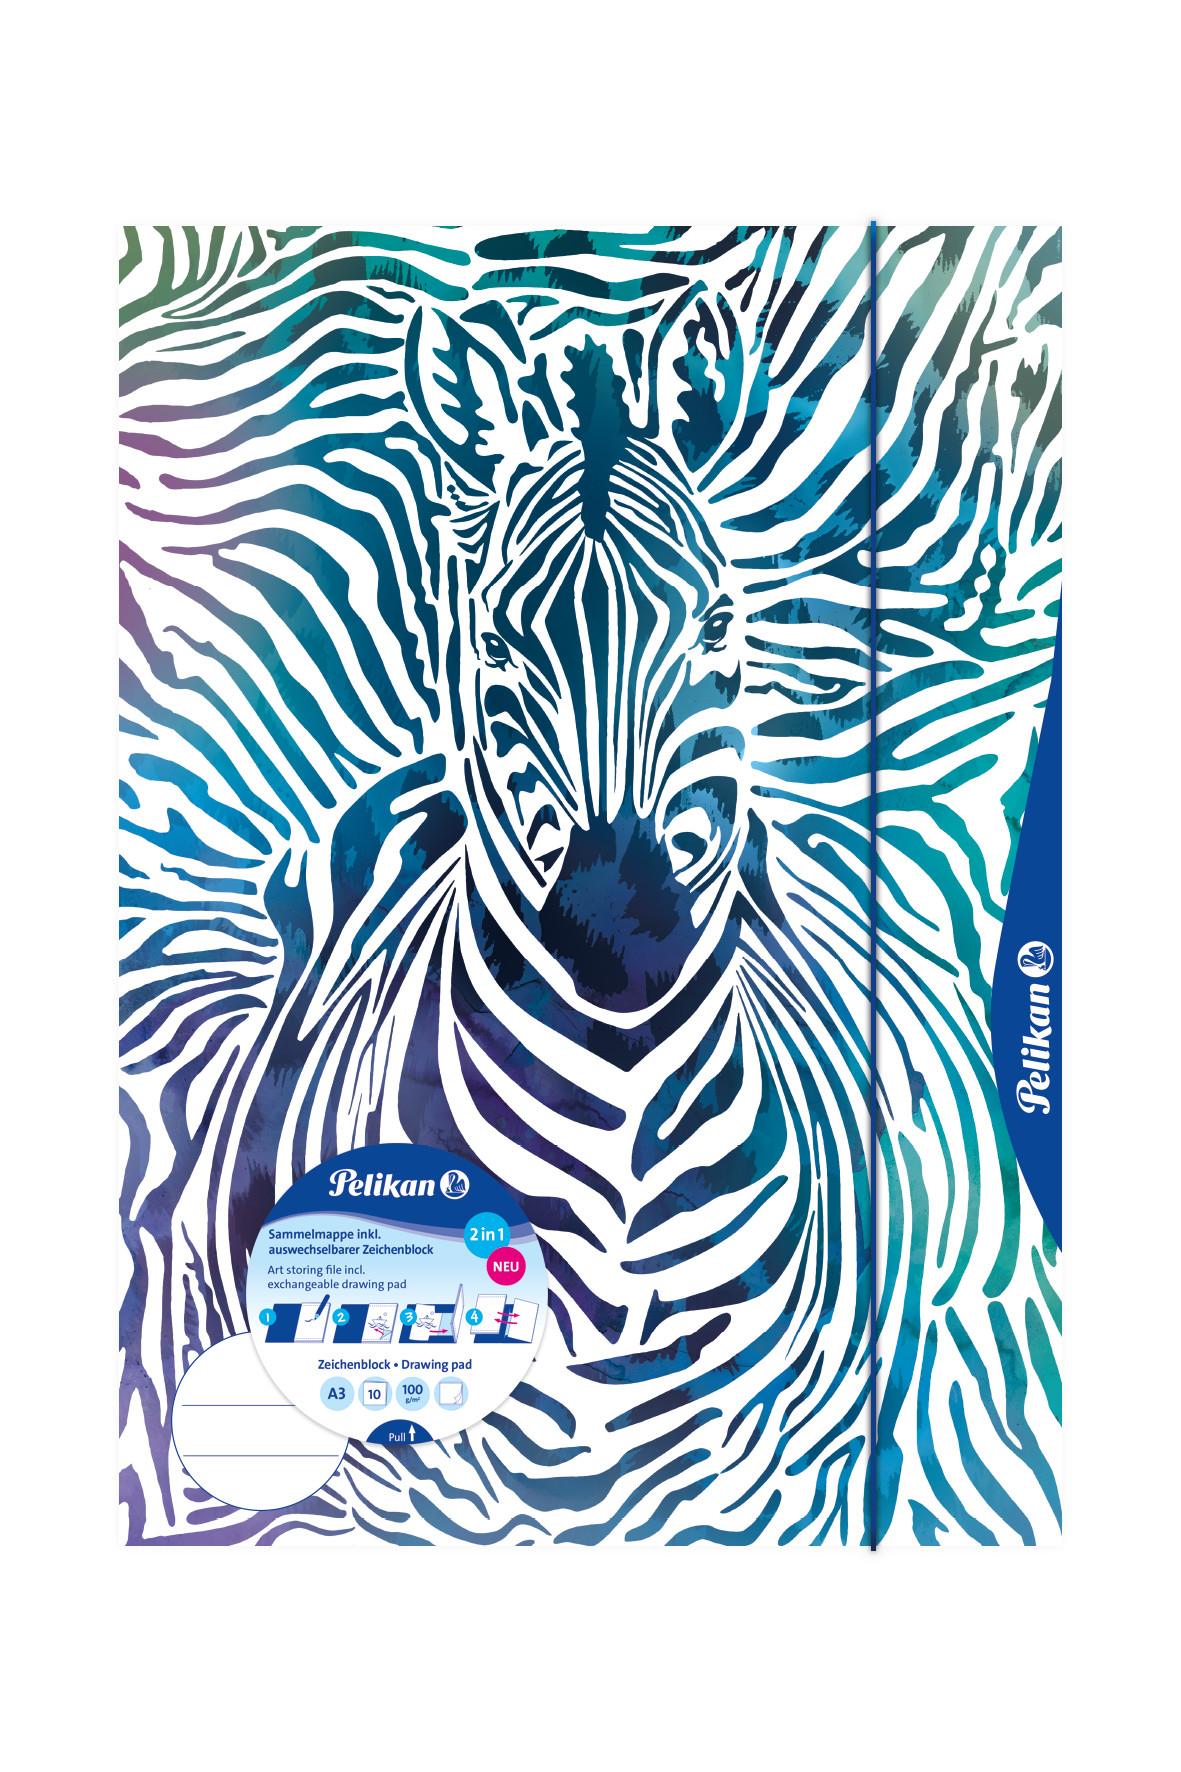 Vorschau: Pelikan 238205 - A3 - Blau - Weiß - Landschaftsportrait - Gummiband